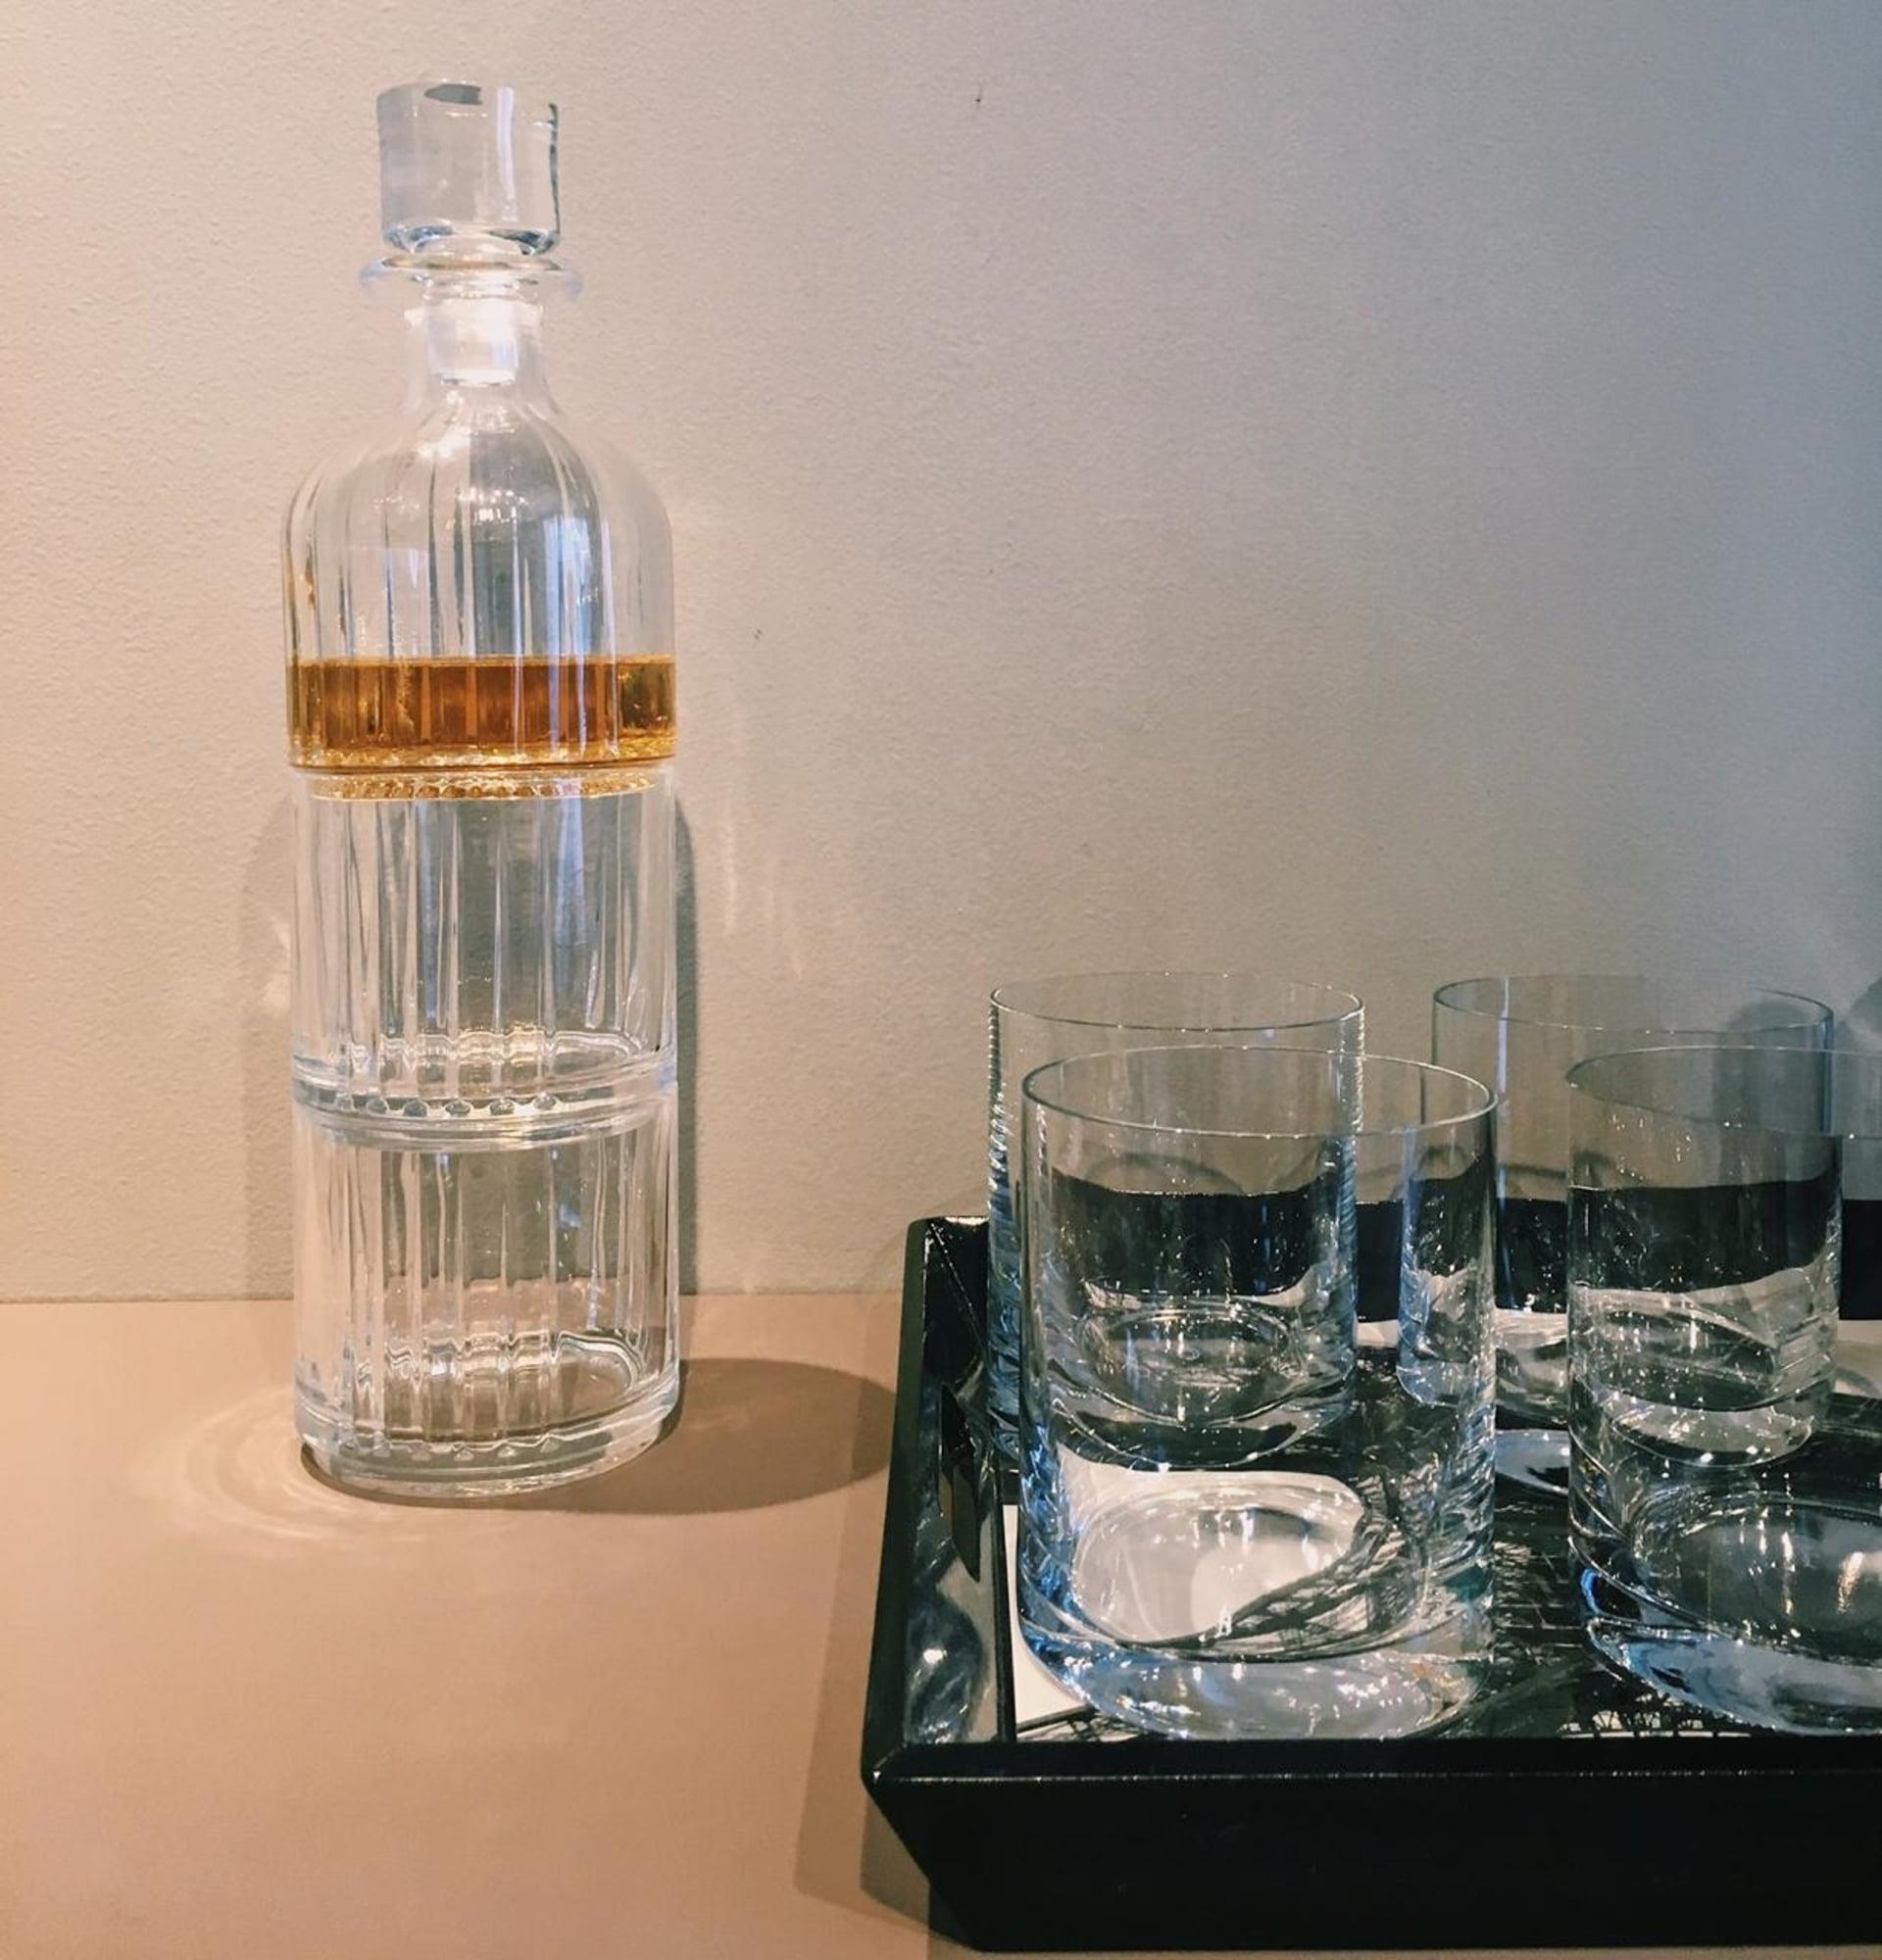 Imagem: A bandeja ajuda a organizar os copos. Copos Flat On The Rocks da Oxford Alumina Crystal e Conjunto Chicago, da marca Biona. Foto: Arquiteca Projetos Afetivos.